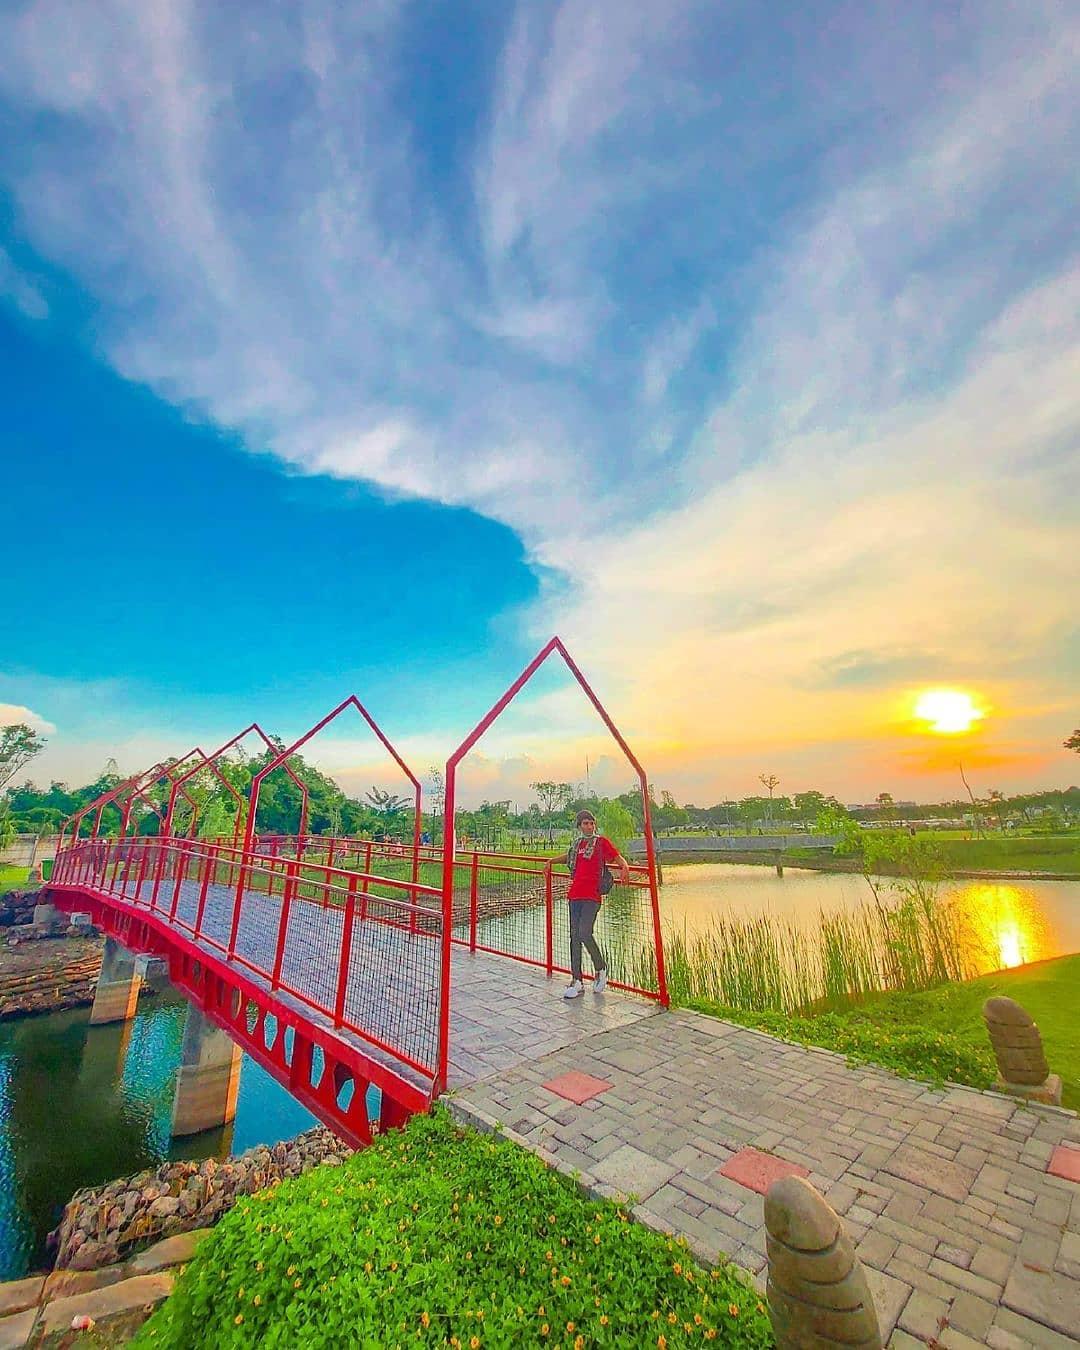 Spot Foto Jembatan Merah Di Danau Graha Natura Image From @lovesuroboyo